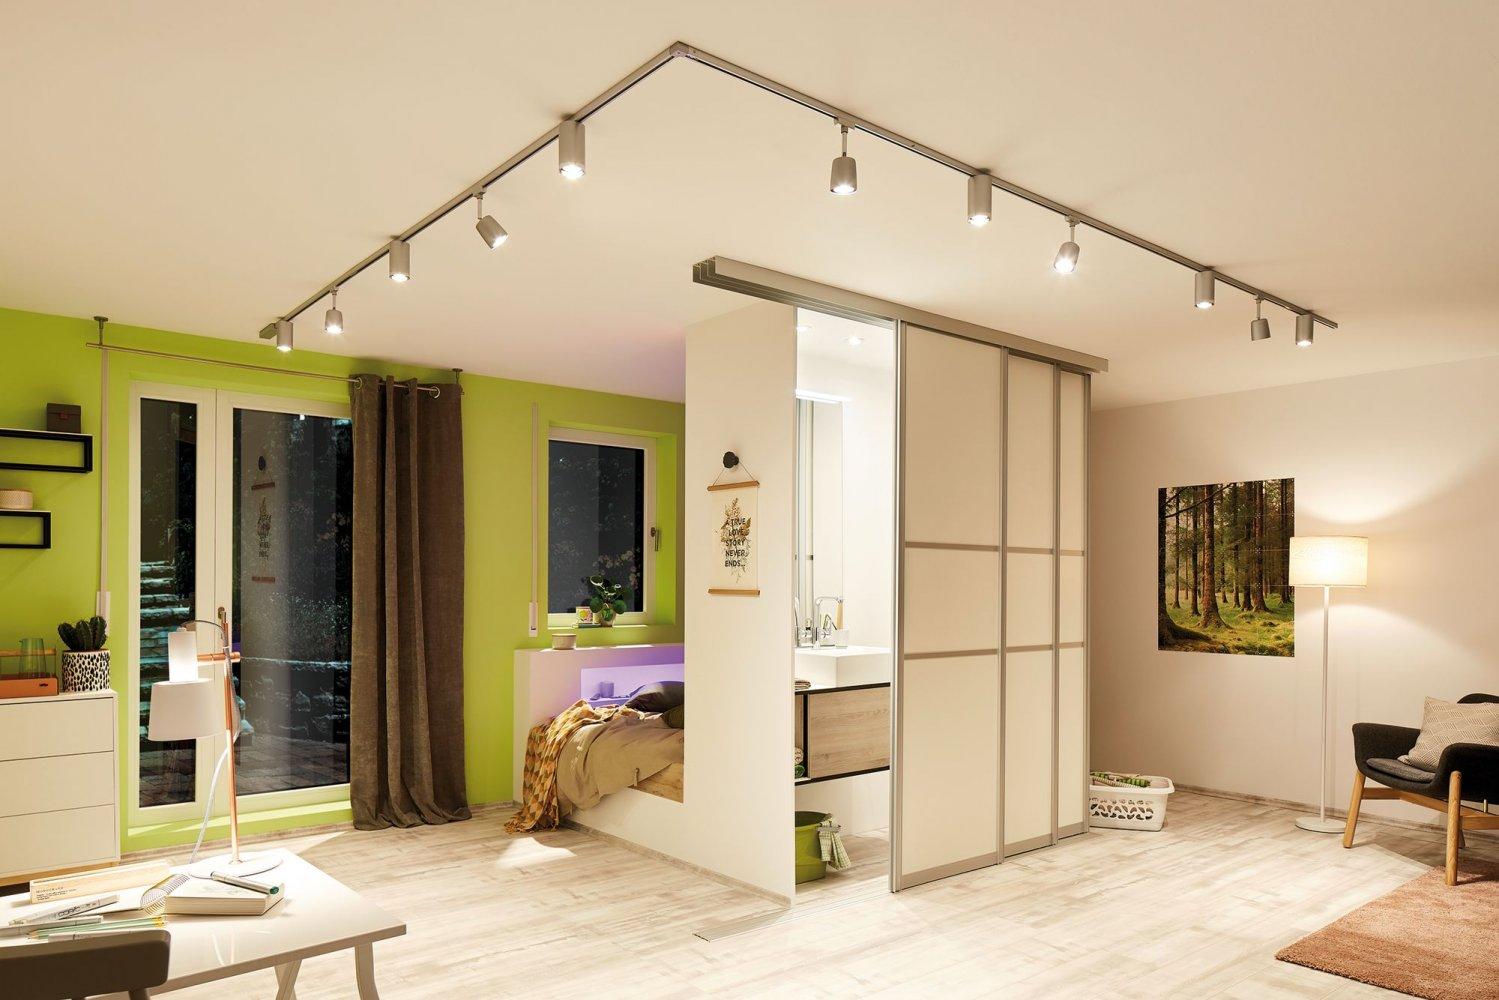 paulmann no 95285 urail led spot 1x6 5w tube 230v gu10 chrom matt chrom eur 34 99. Black Bedroom Furniture Sets. Home Design Ideas